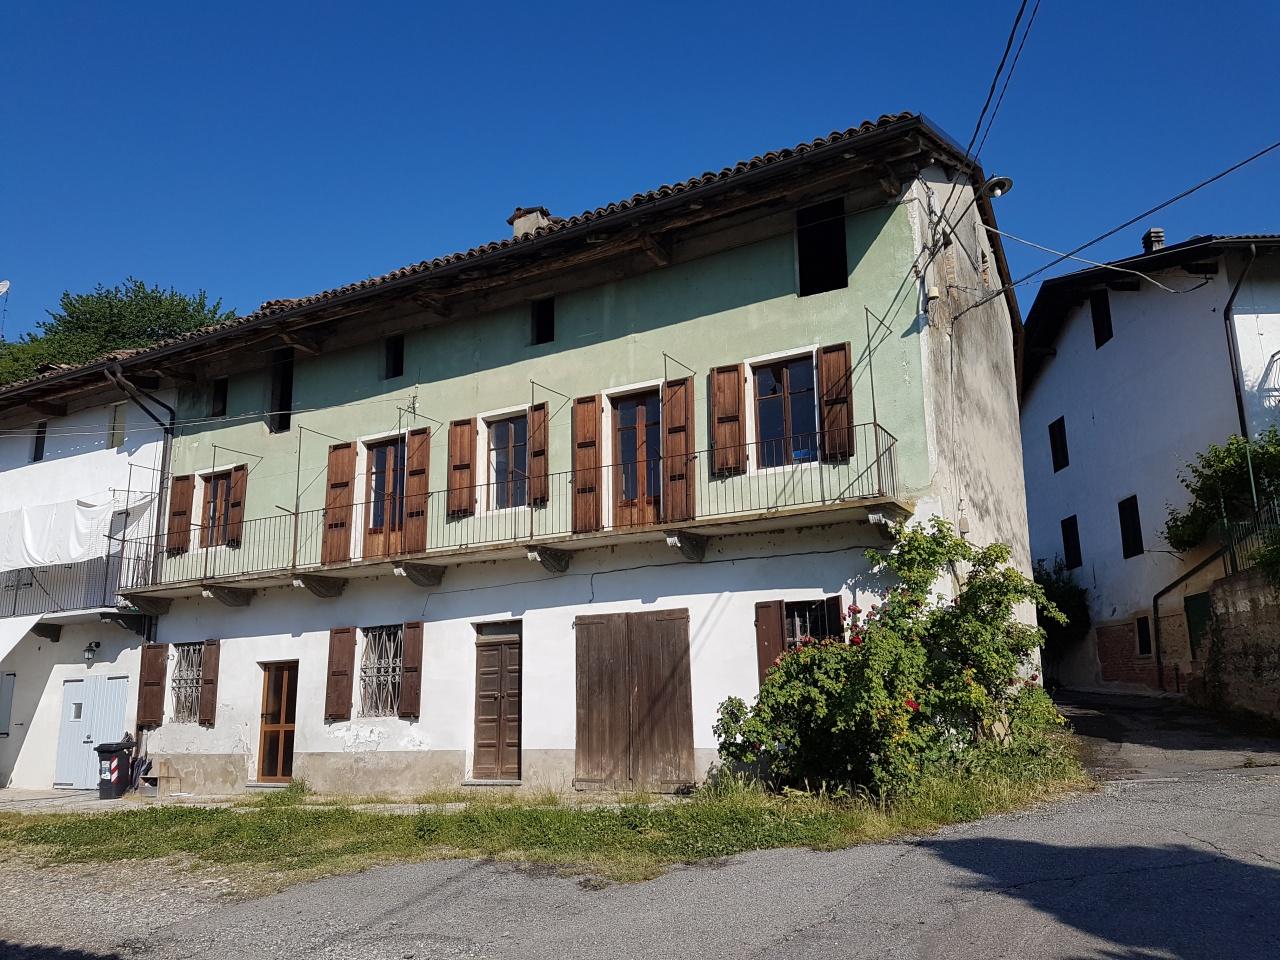 Soluzione Indipendente in vendita a Villamiroglio, 6 locali, prezzo € 53.000 | CambioCasa.it